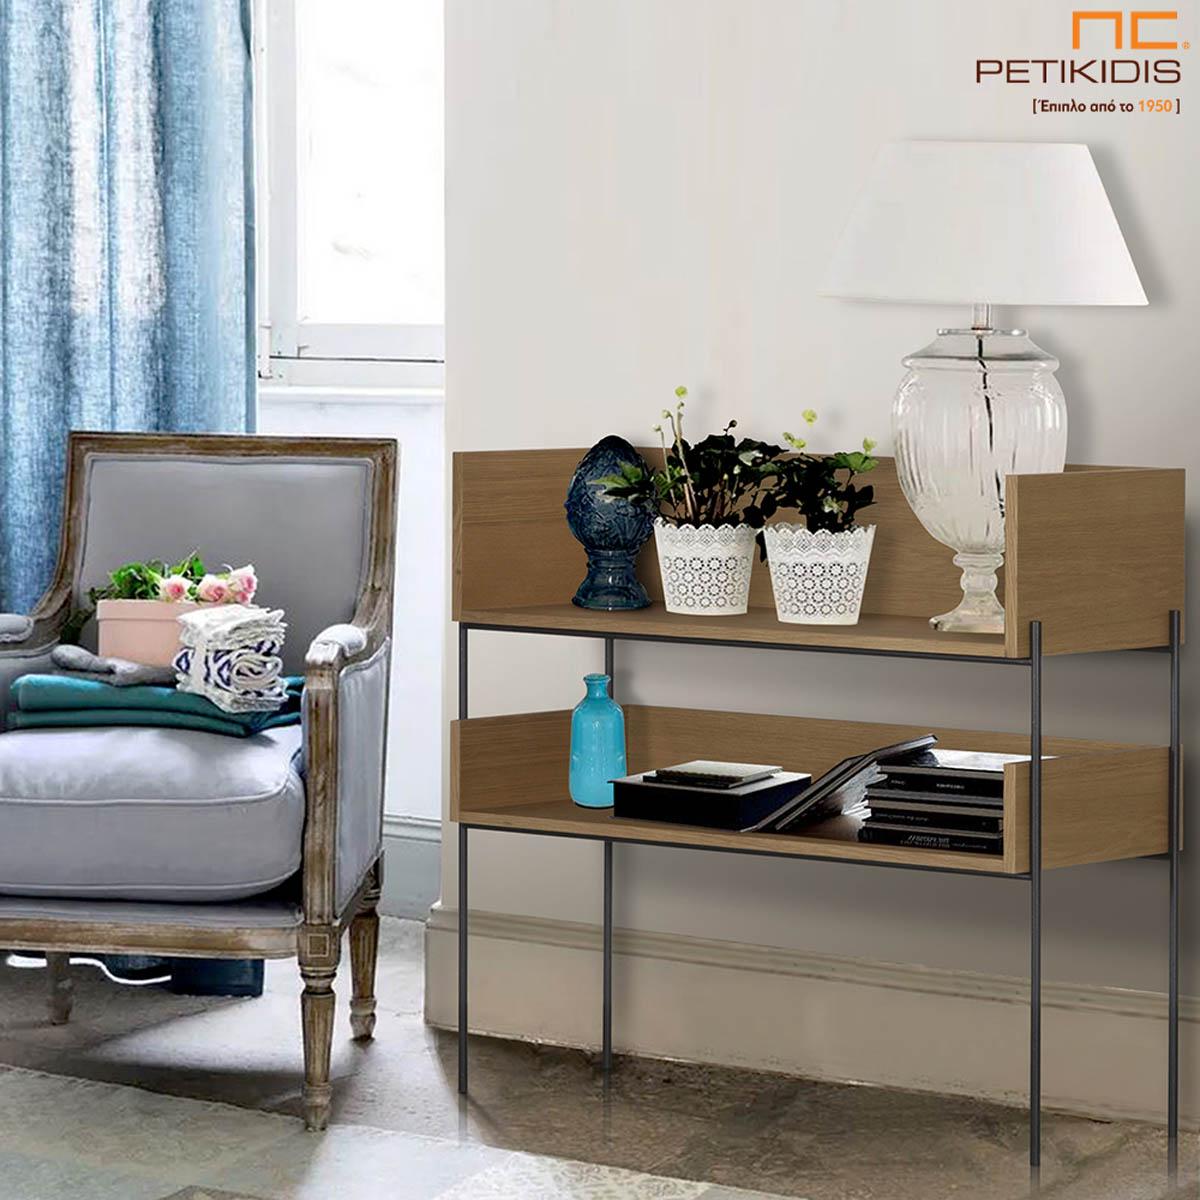 Κονσόλα με ράφια Frank από ξύλο δρυς και μεταλλικό σκελετό. Ιδανικό για χώρους εισόδου και για το σαλόνι. Έχει δυνατότητα ευελιξίας στη χρήση από κονσόλα έως και μικρή ραφιέρα και βιβλιοθήκη.